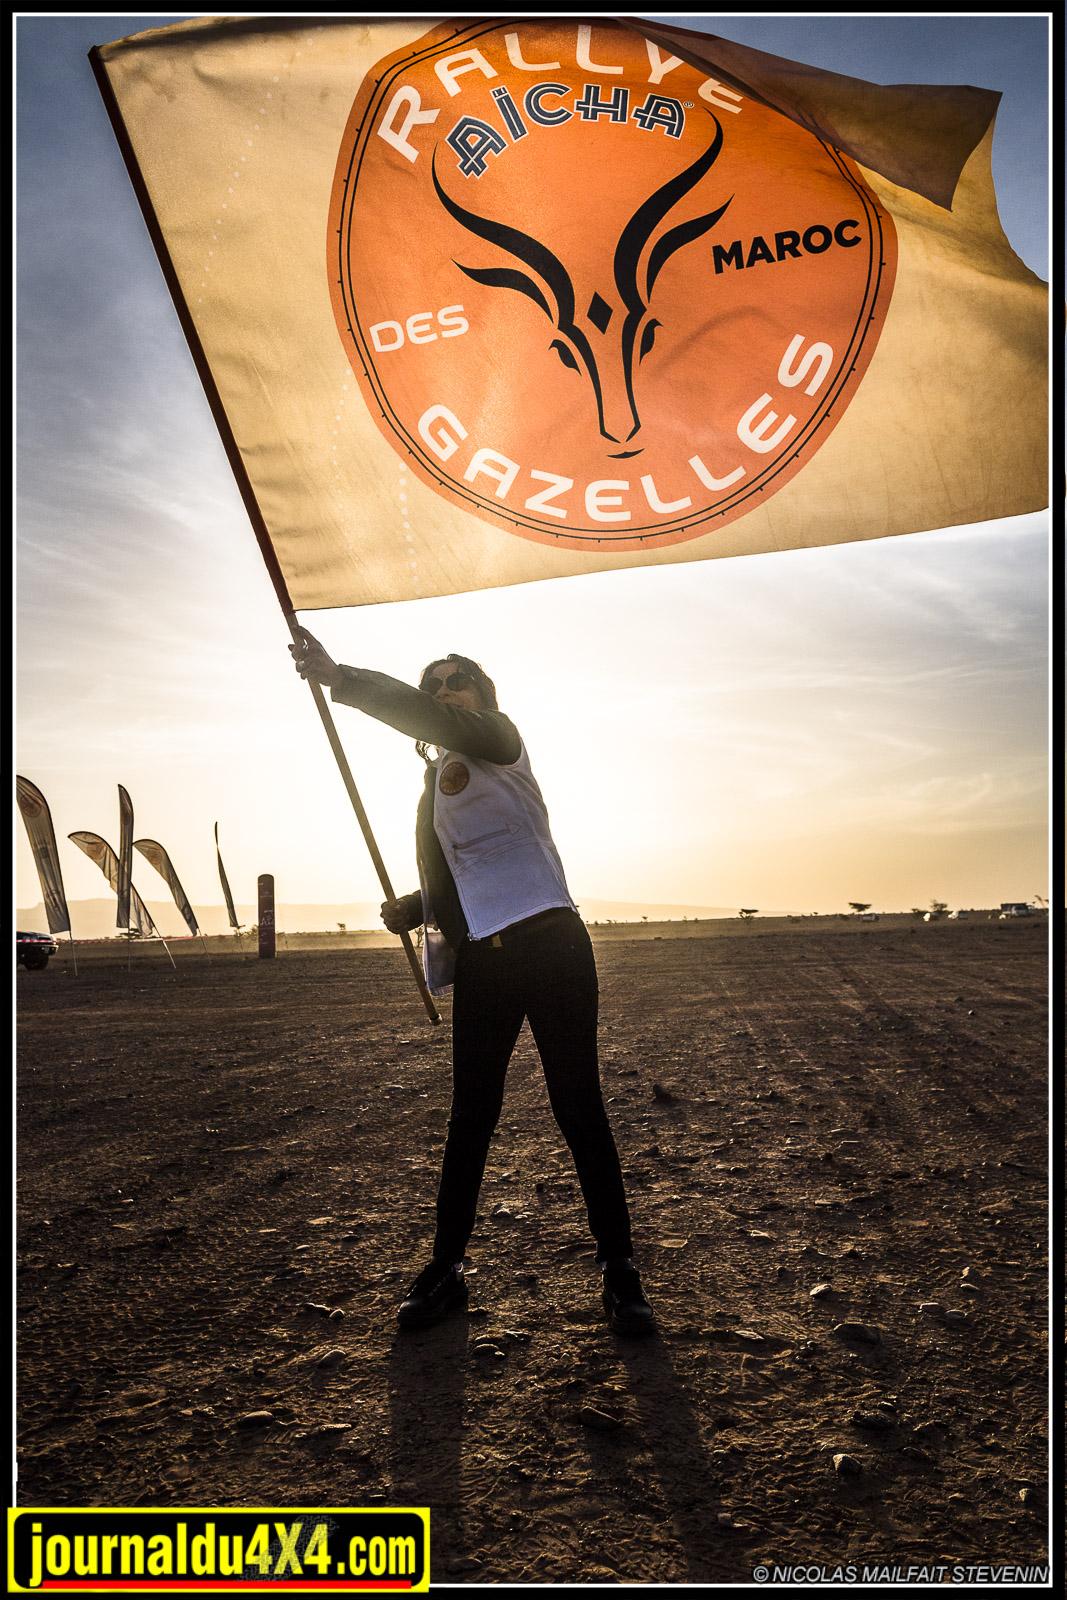 rallye-aicha-gazelles-maroc-2017-8055.jpg